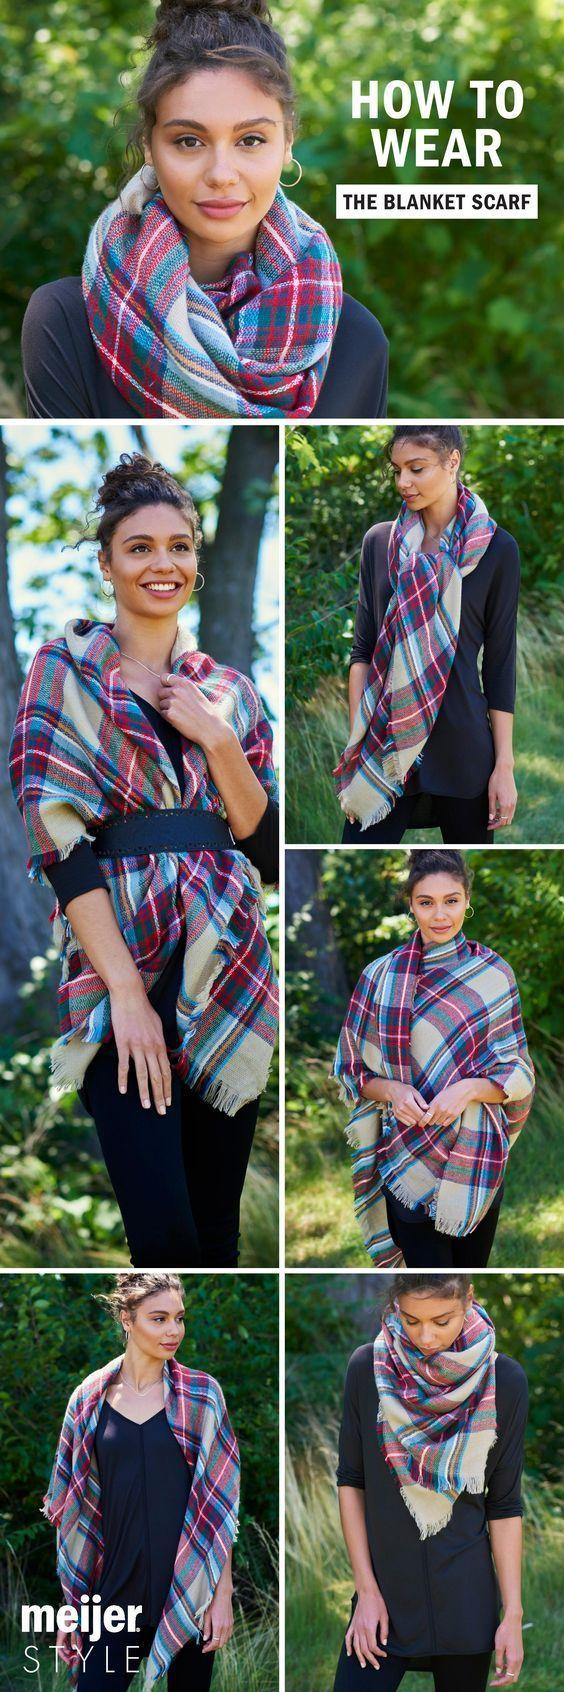 Un tuto en image pour vous aider à faire un noeud d'écharpe pour une femme, technique de noeud spécial écharpe pour fille.